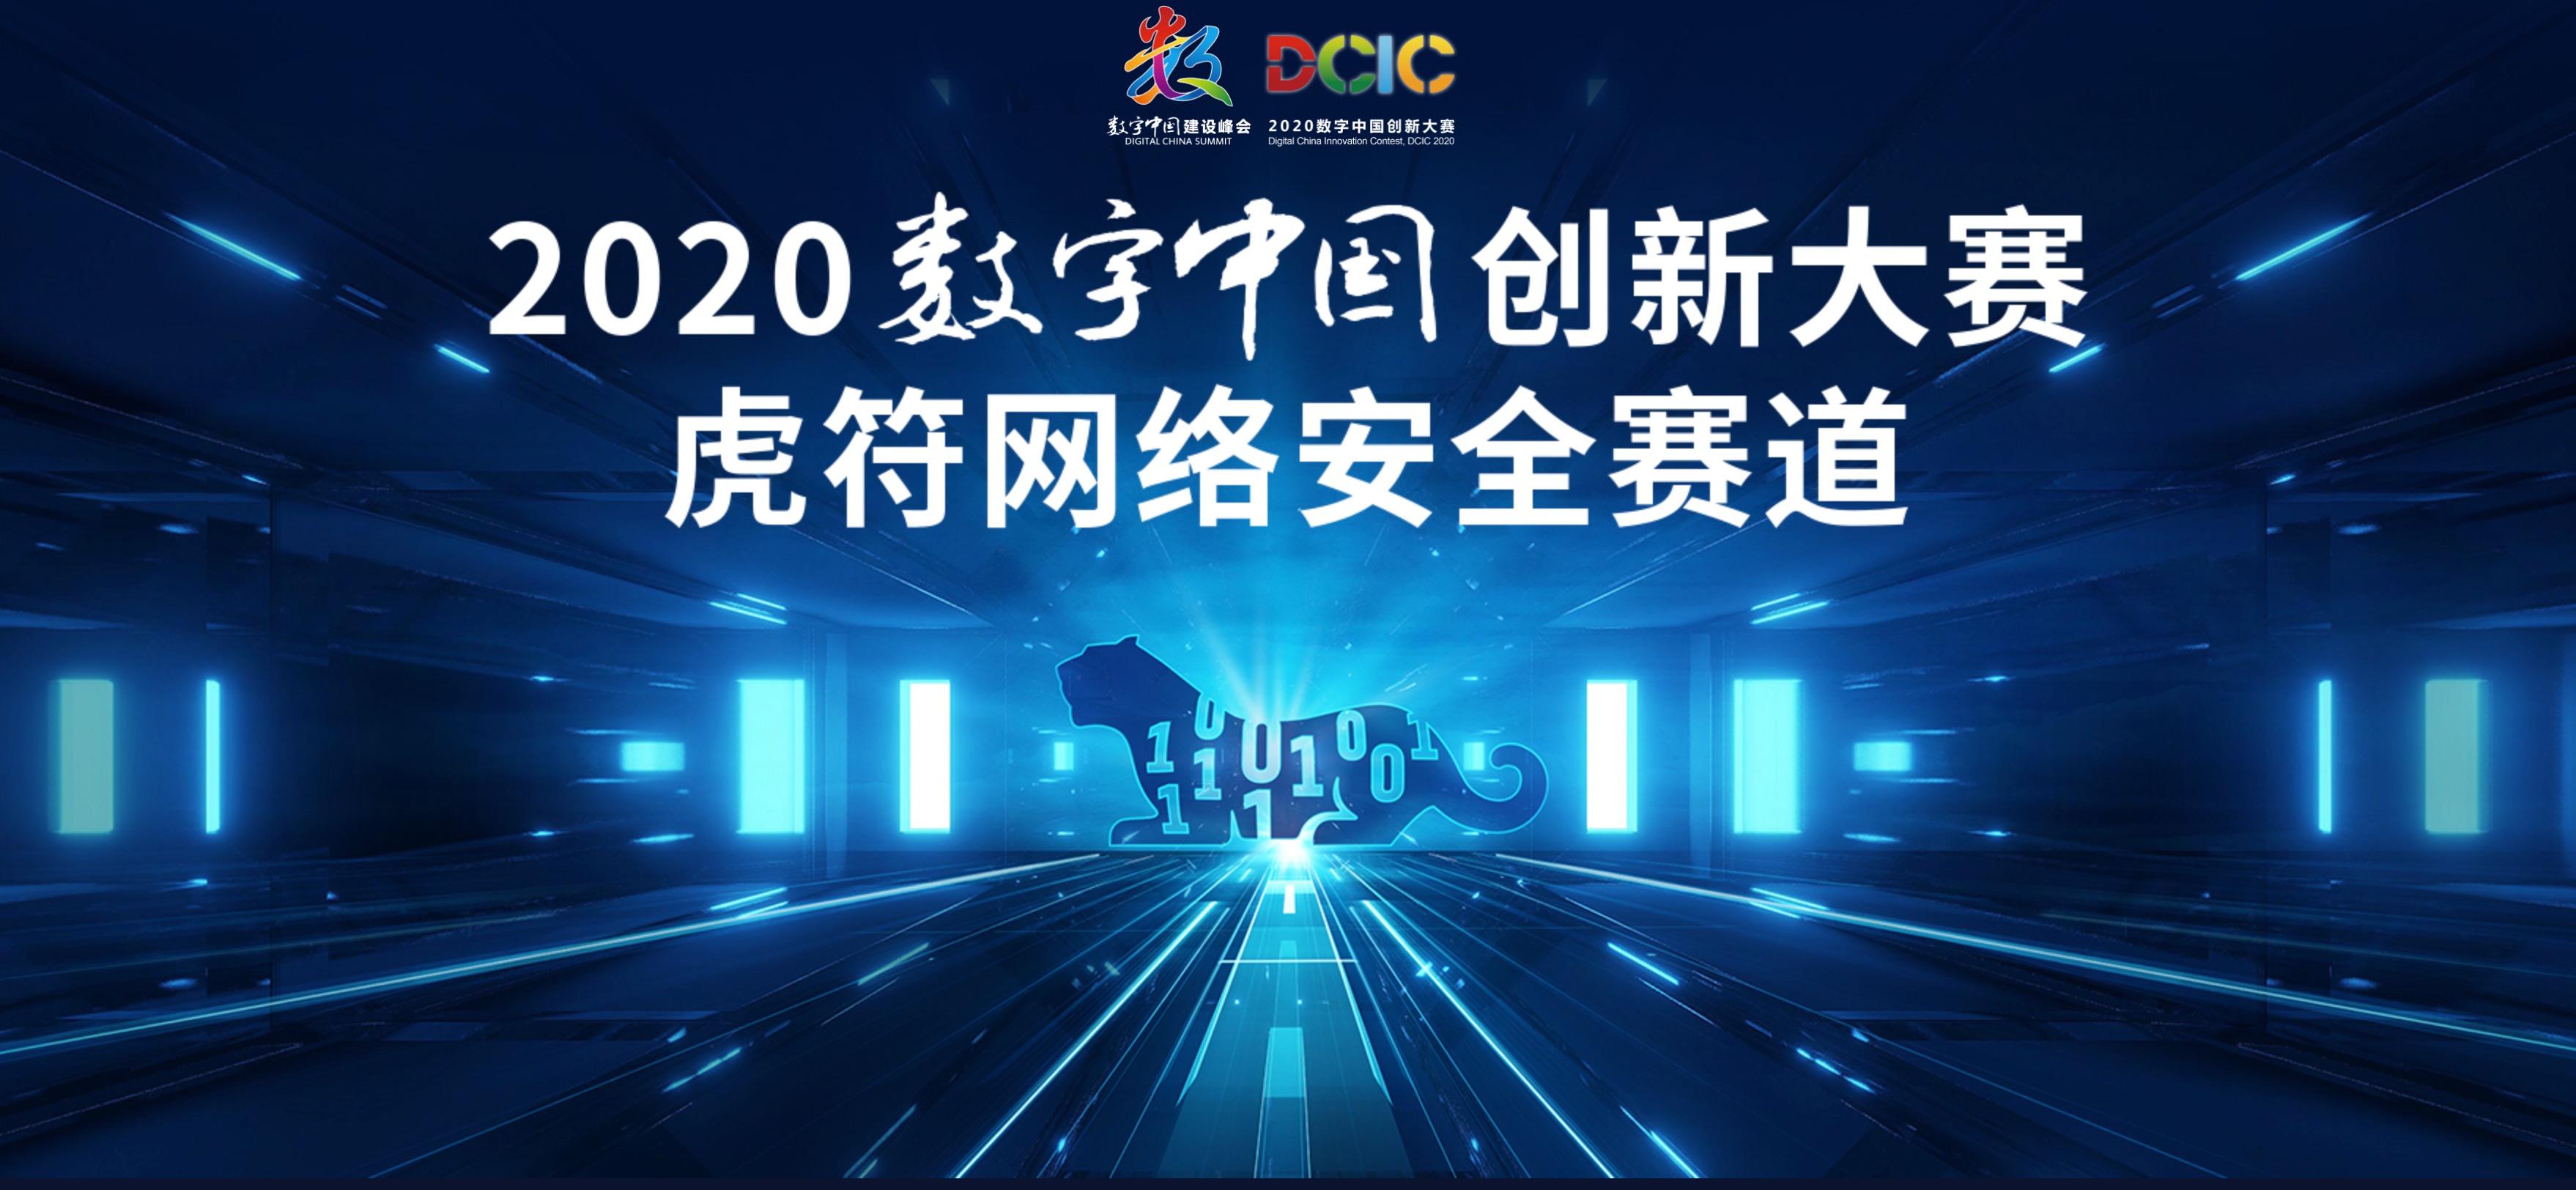 2020数字中国创新大赛虎符网络安全赛道 Writeup by X1cT34m